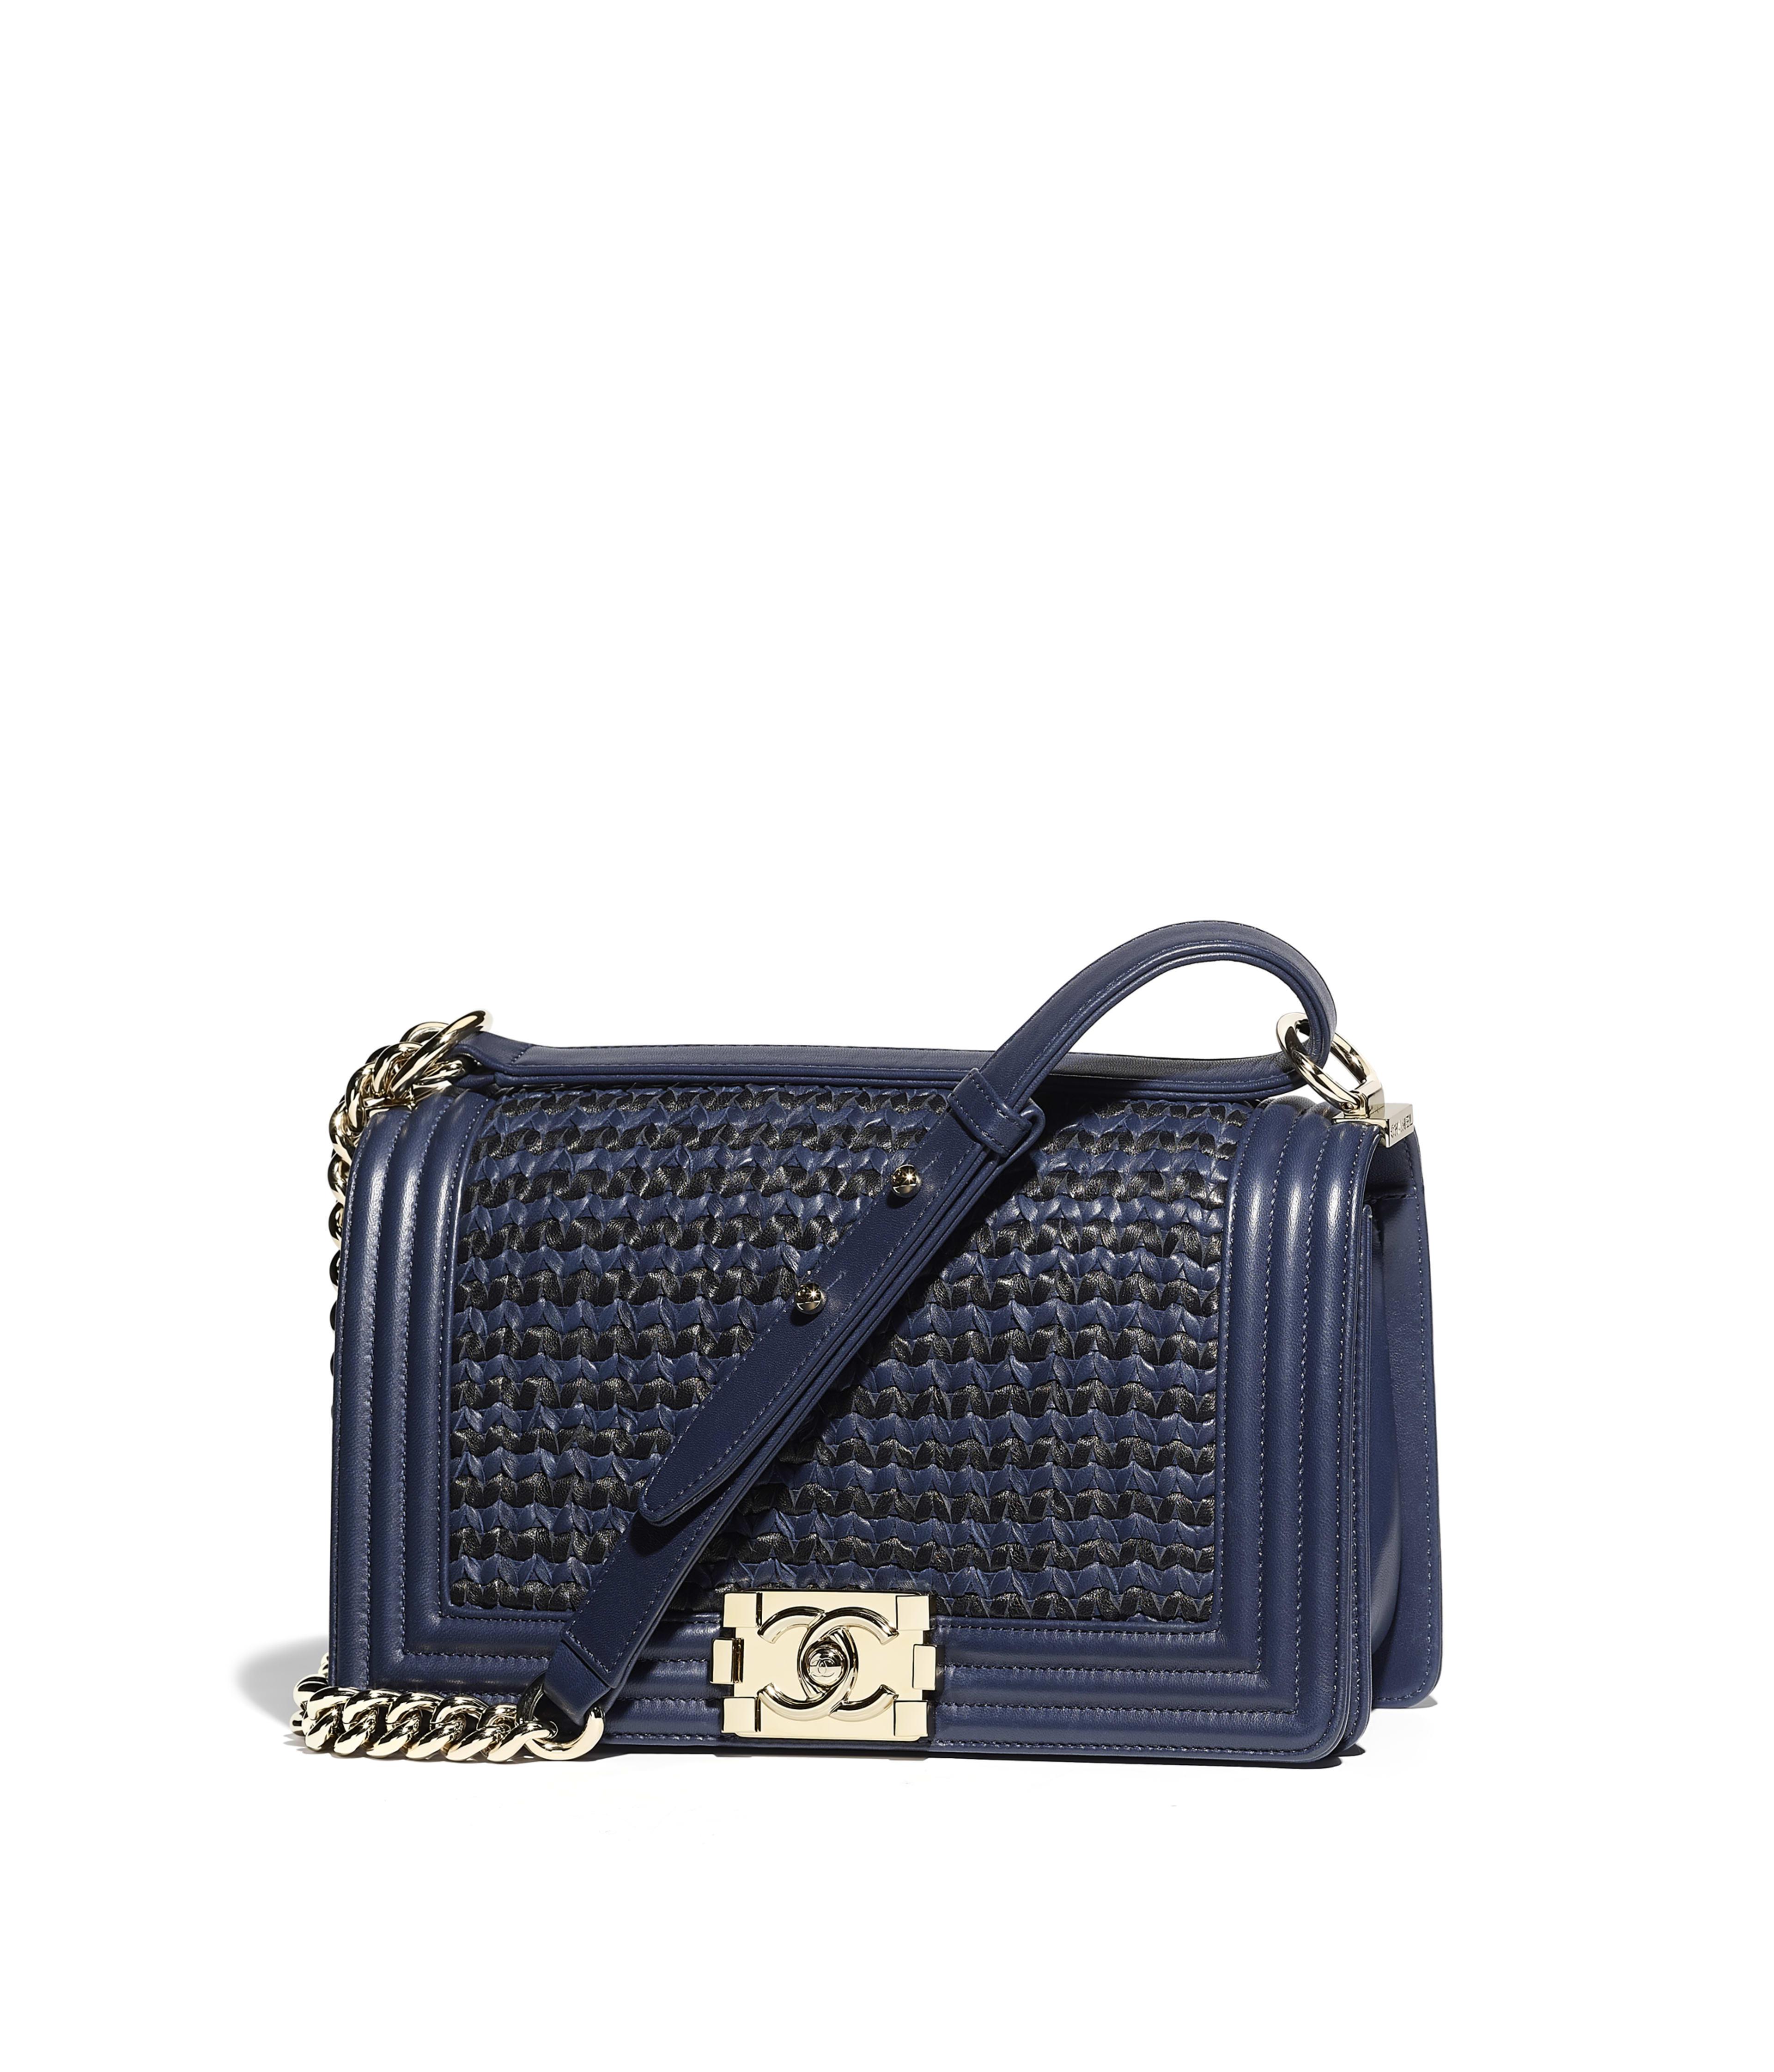 Boy Chanel Handbag Braided Lambskin Calfskin Gold Tone Metal Navy Blue Black Ref A67086y83535c0202